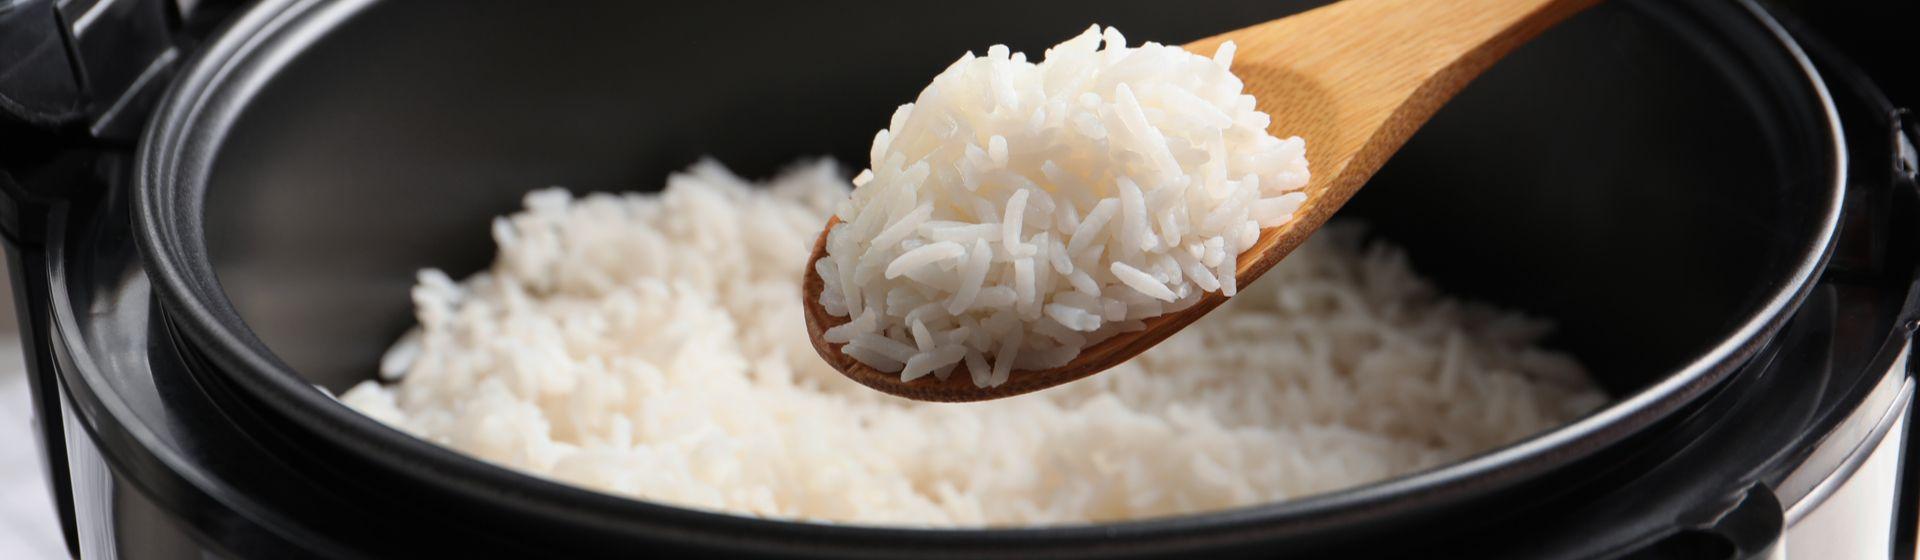 Como fazer arroz na panela elétrica?